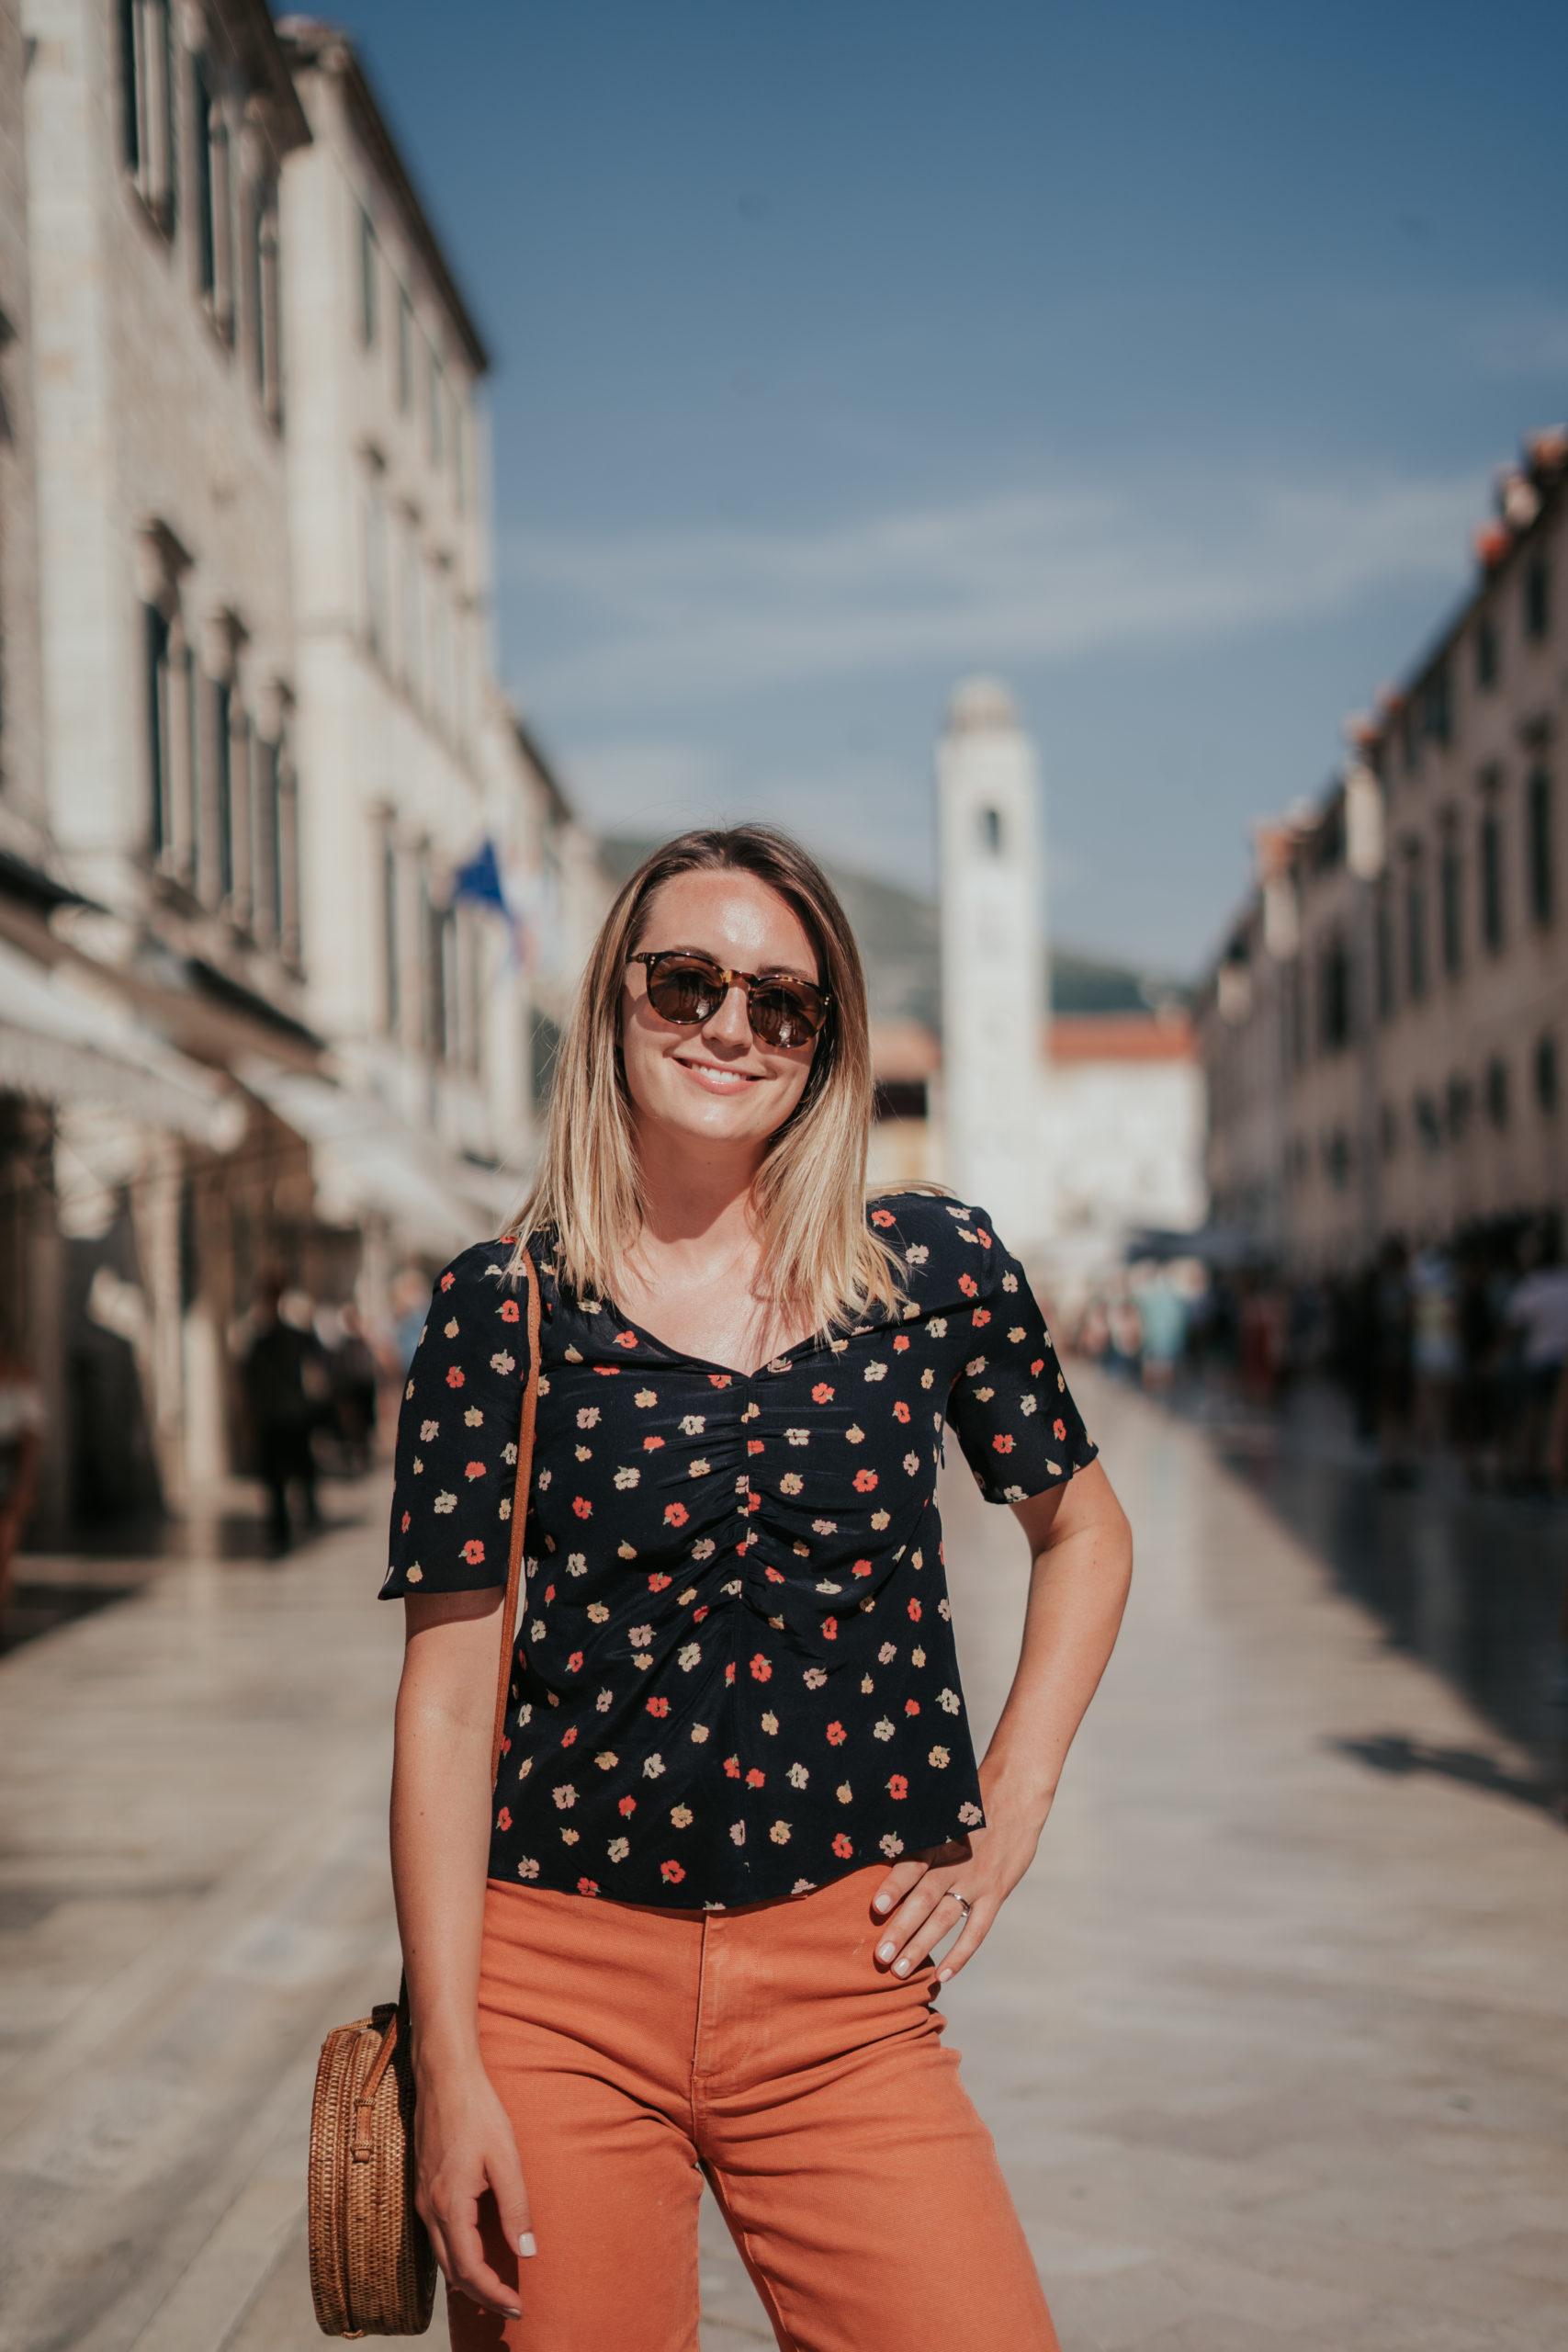 Shop dubrovnik sex Dubrovnik Shopping